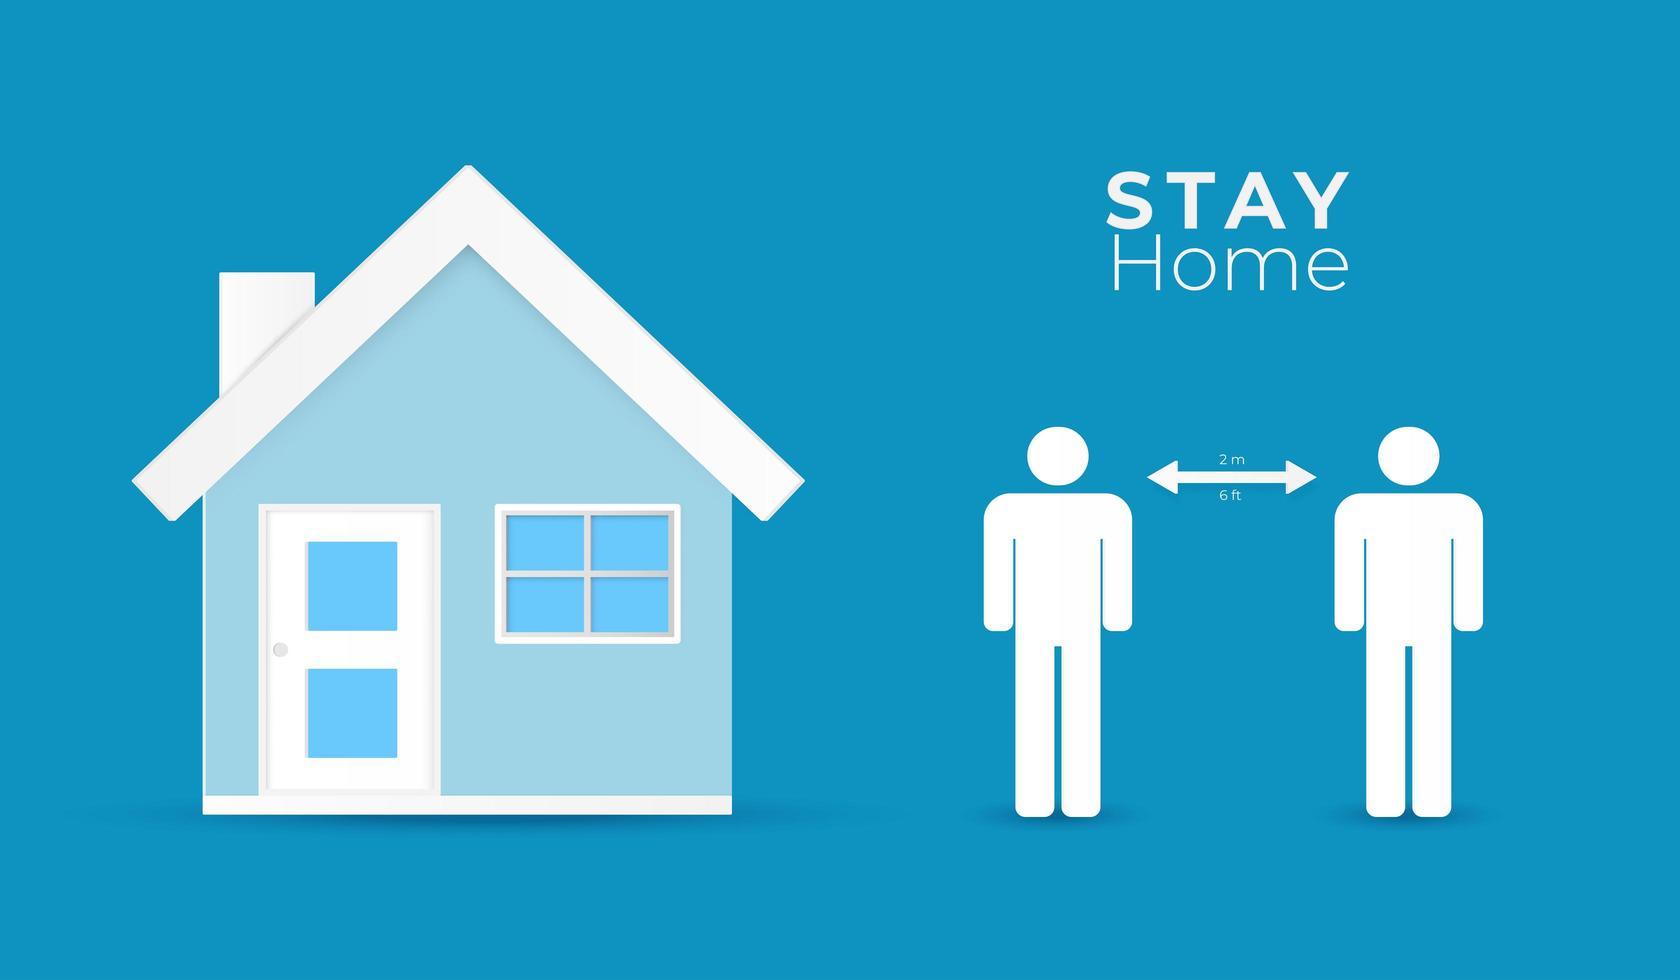 stanna hemma och social distancing affisch vektor